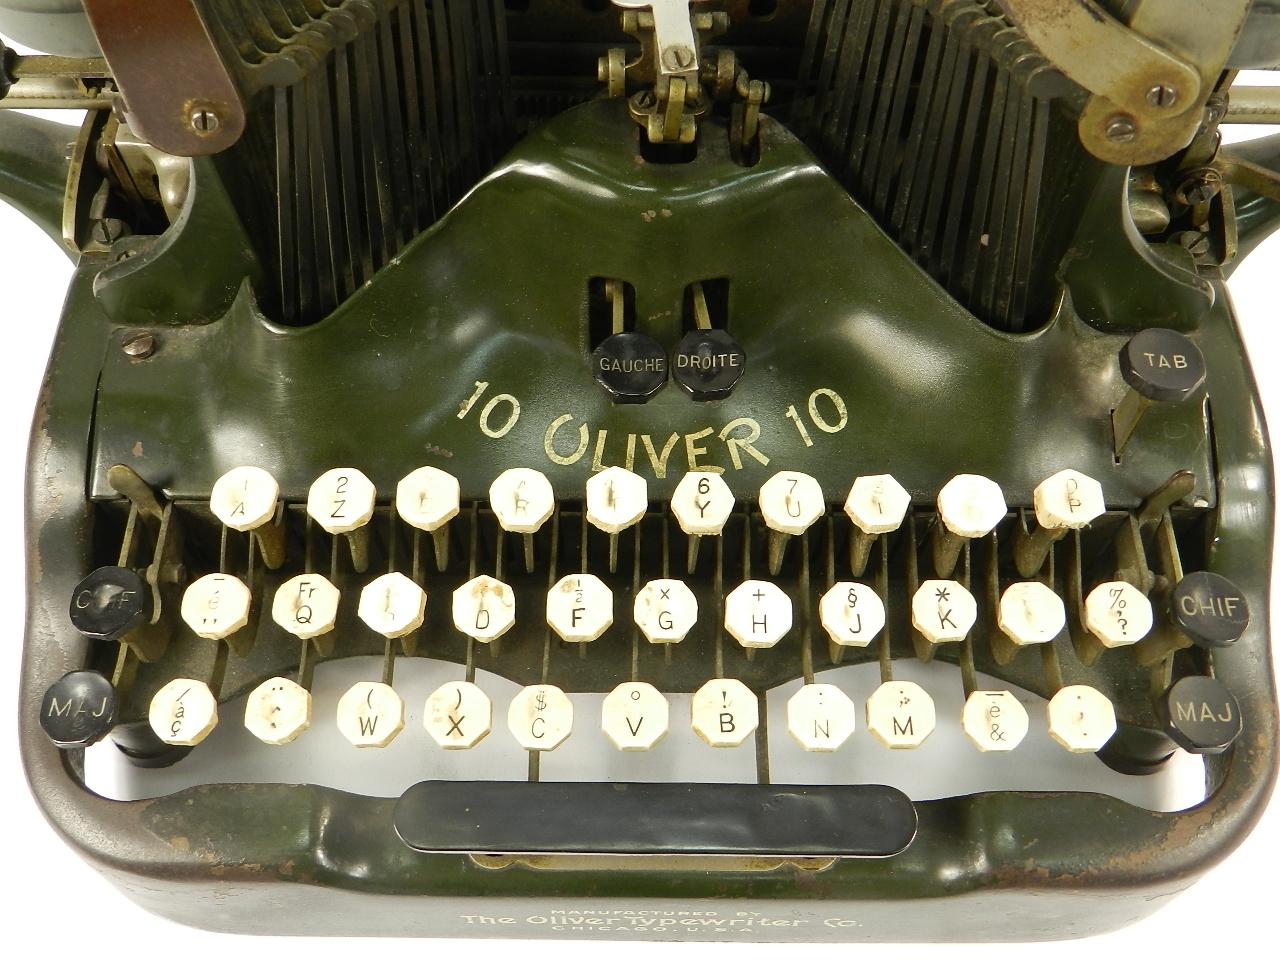 Imagen OLIVER Nº10 AÑO 1914 39974